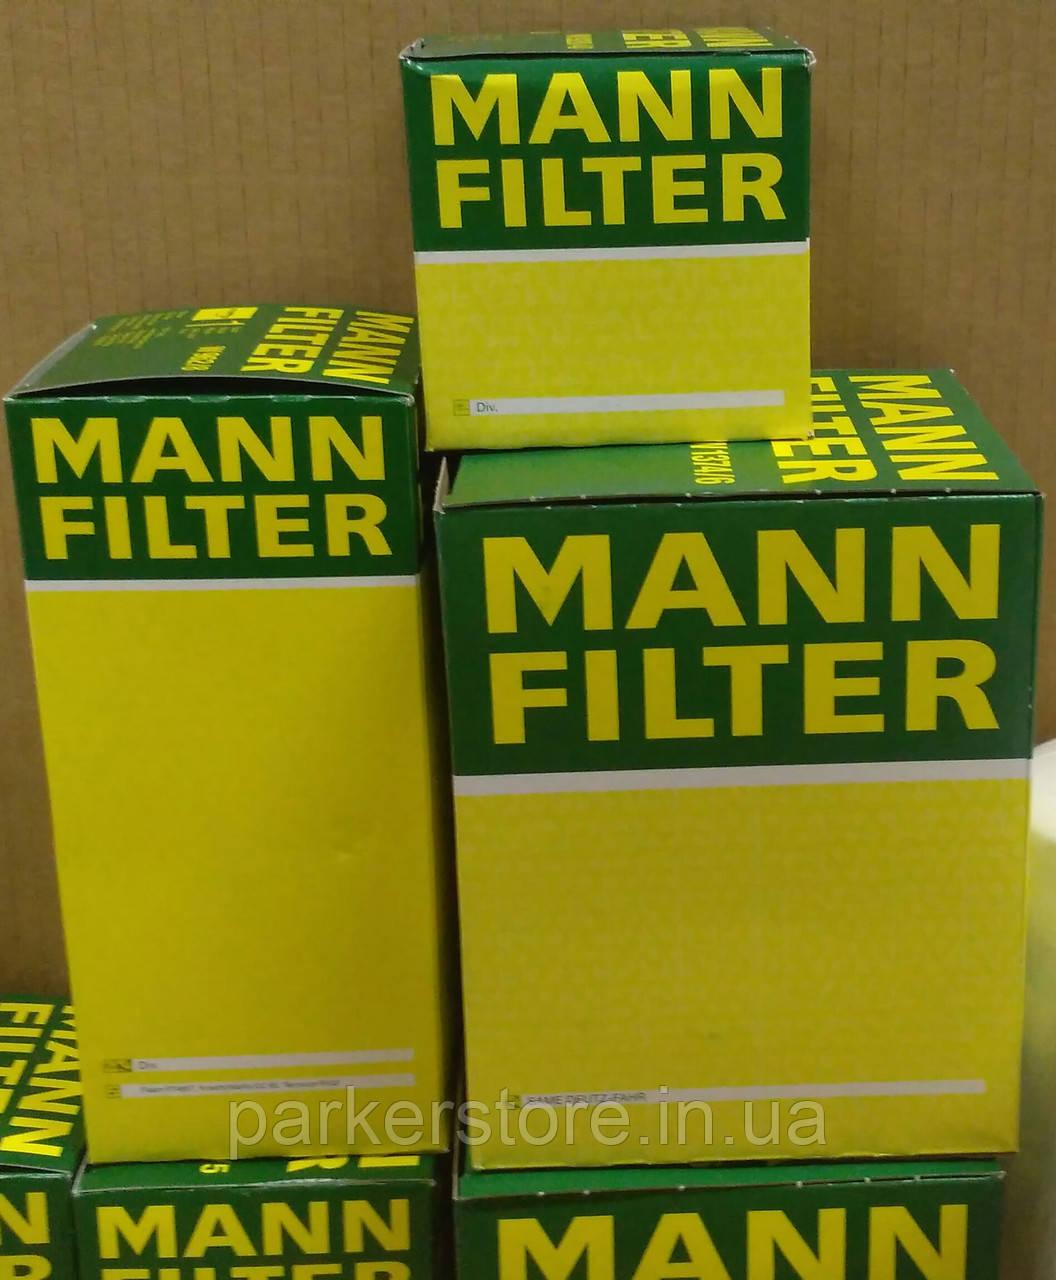 MANN FILTER / Повітряний фільтр / C 2771 / C2771